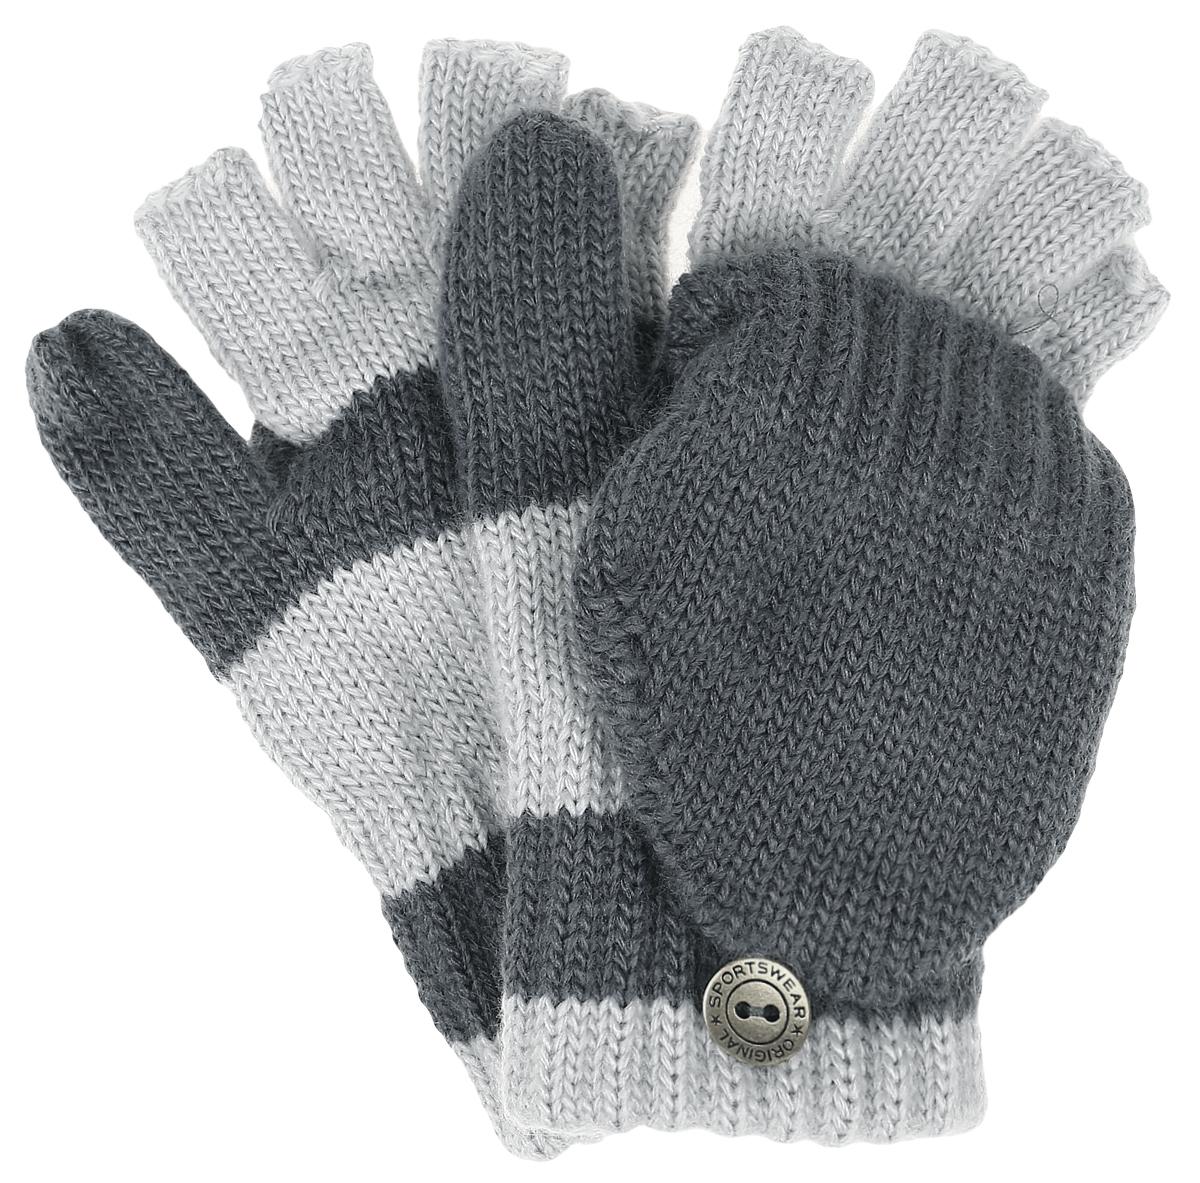 Перчатки детскиеCERES-22Теплые перчатки-варежки для девочки Margot Bis, выполненные из высококачественного акрила, хорошо сохраняют тепло. Изделие представляет собой перчатки без пальцев, к внешней стороне которых крепится капюшон, накинув его на пальцы, перчатки превращаются в варежки. Капюшон фиксируется на перчатке при помощи пуговицы. Специальная манжетная резинка не допустит попадания снега и надёжно удержит перчатки на руке. Модель оформлена принтом в полоску.